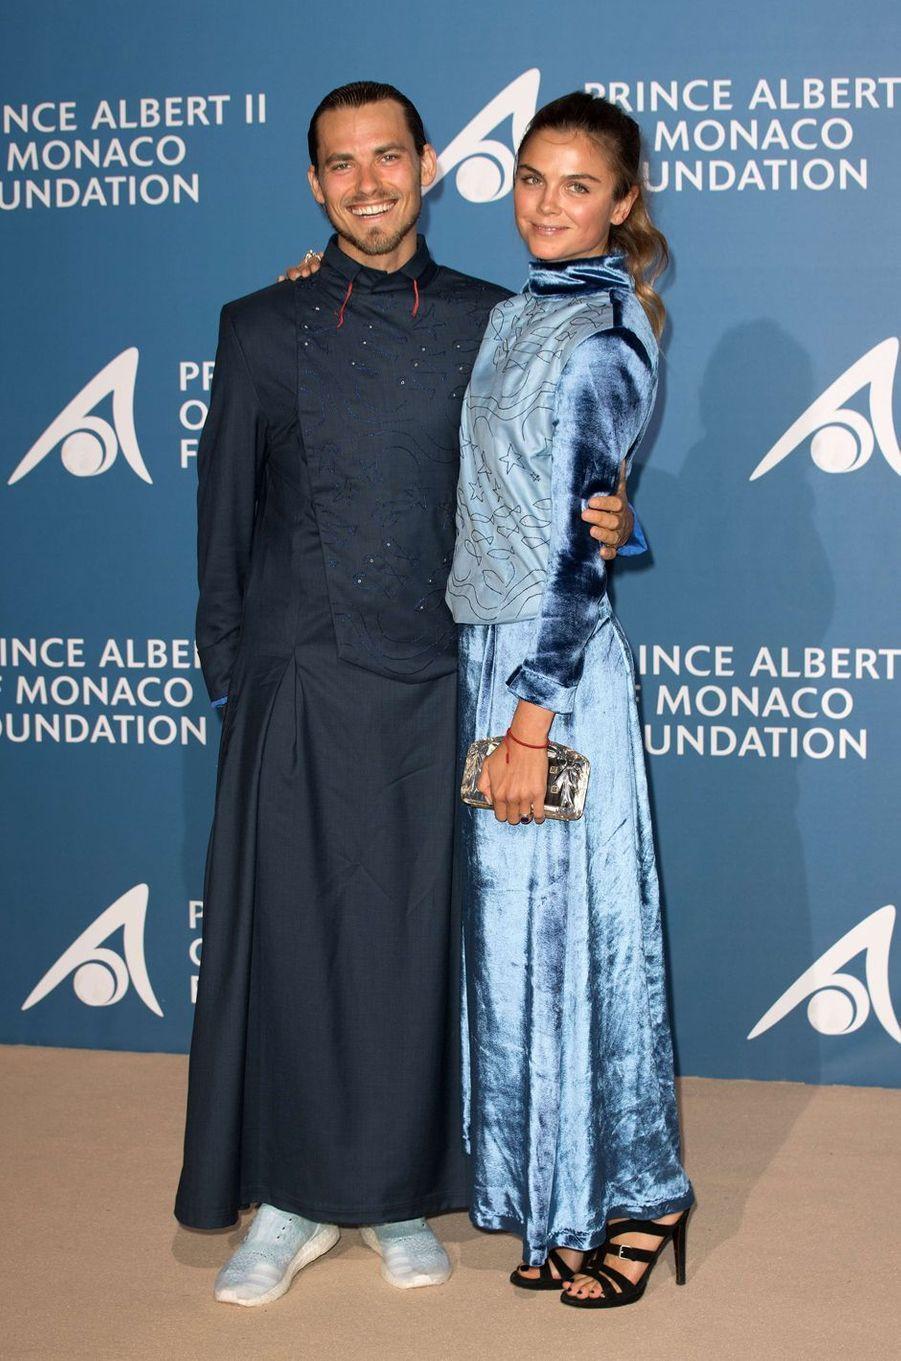 Jack O'Connell et Cara Delevingne au Monte-Carlo Gala pour l'Océan à Monaco, le 28 septembre 2017